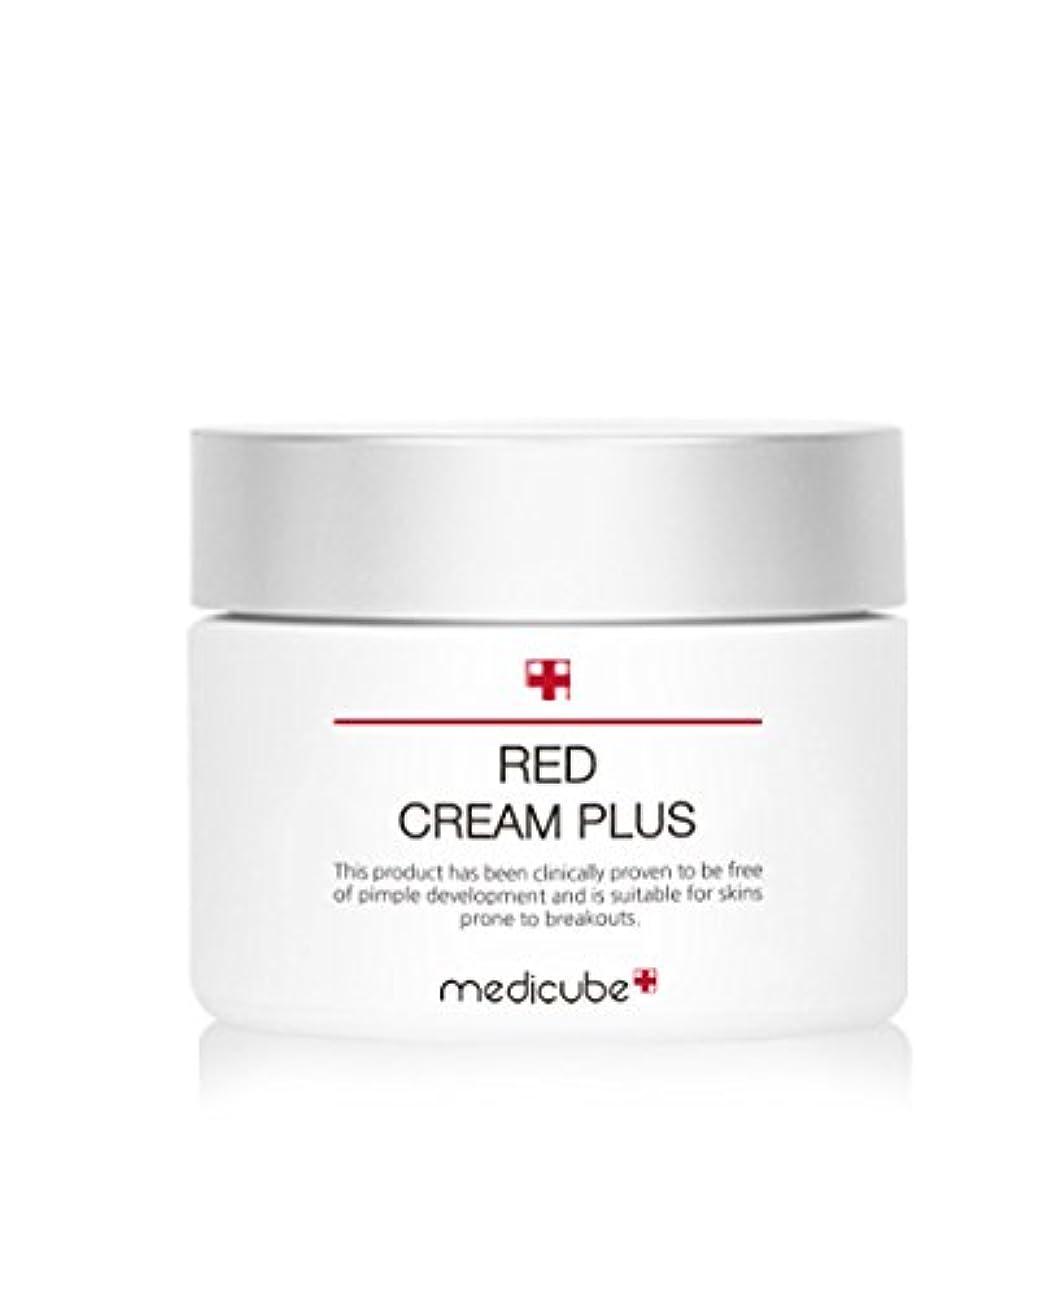 ジャーナリストしゃがむ習字[Medicube]メディキューブ レッド クリーム プラス 大容量 100ml / Medicube Red Cream Plus 100ml [並行輸入品]